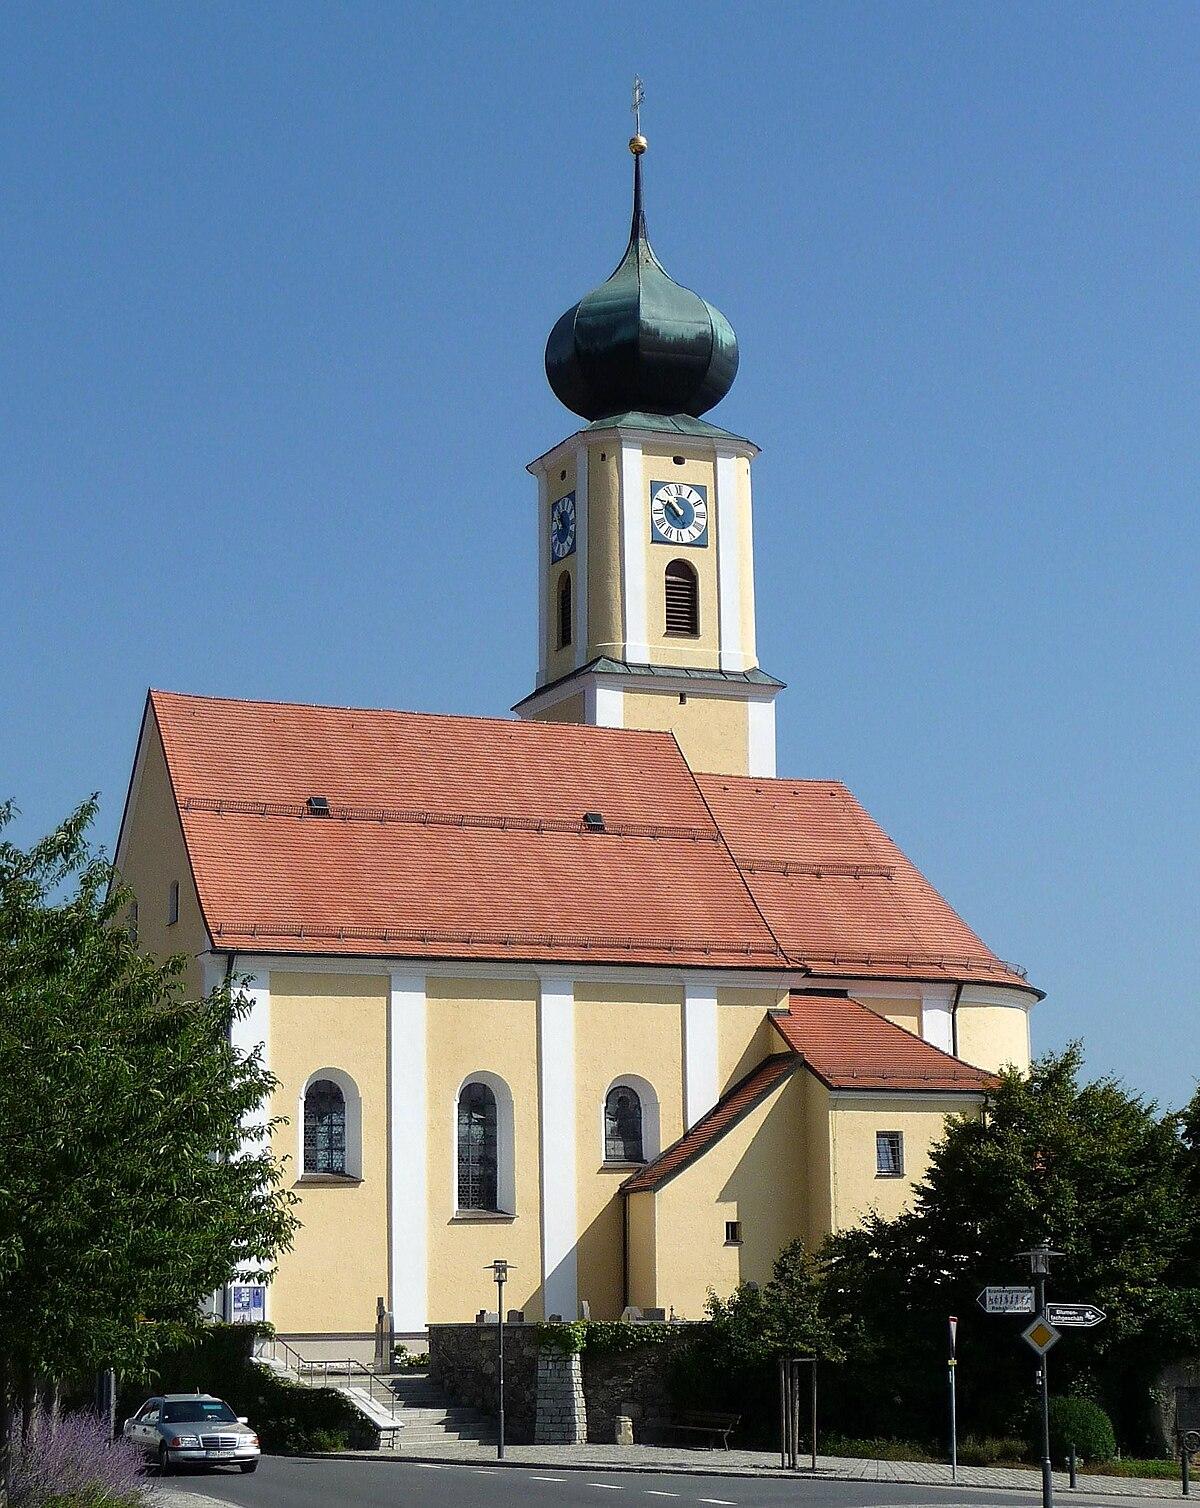 Schorndorf Oberpfalz